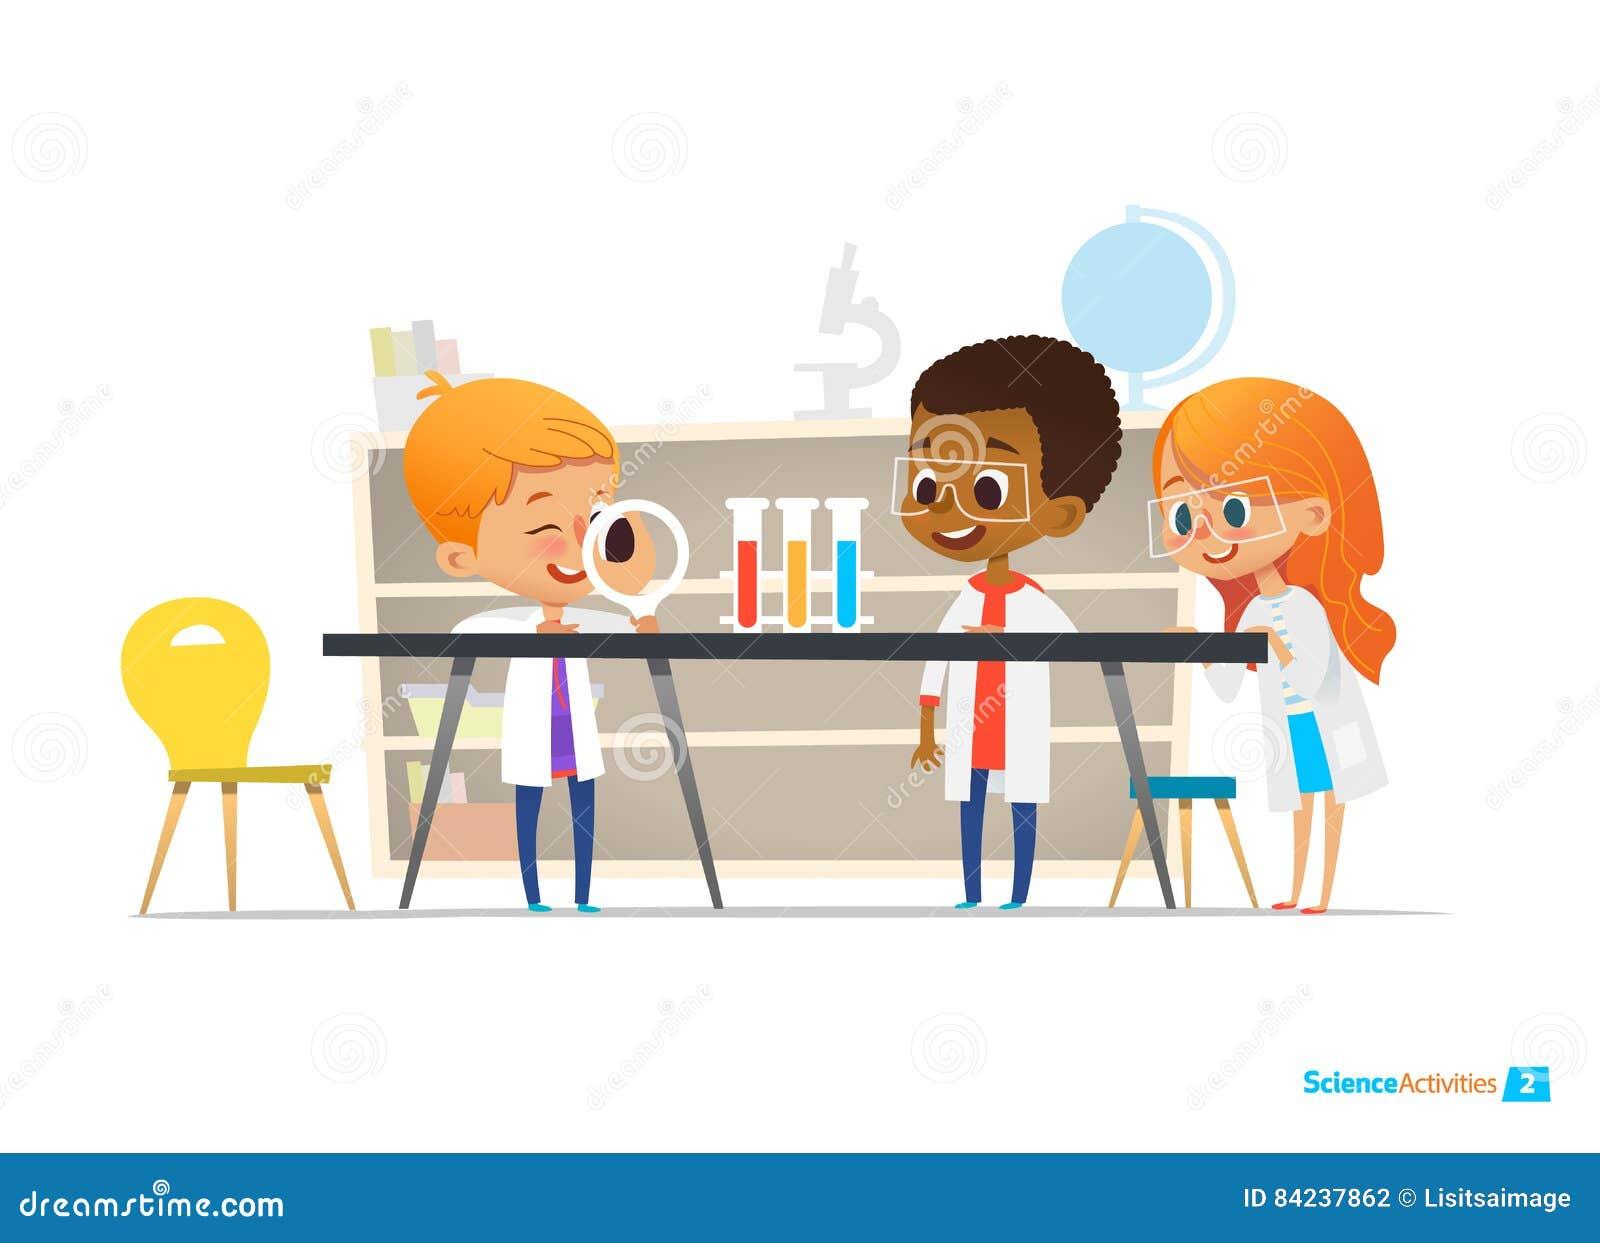 Dziecko w wieku szkolnym w lab odzieży i zbawczych szkłach prowadzą naukowego eksperyment z substancjami chemicznymi w chemii lab